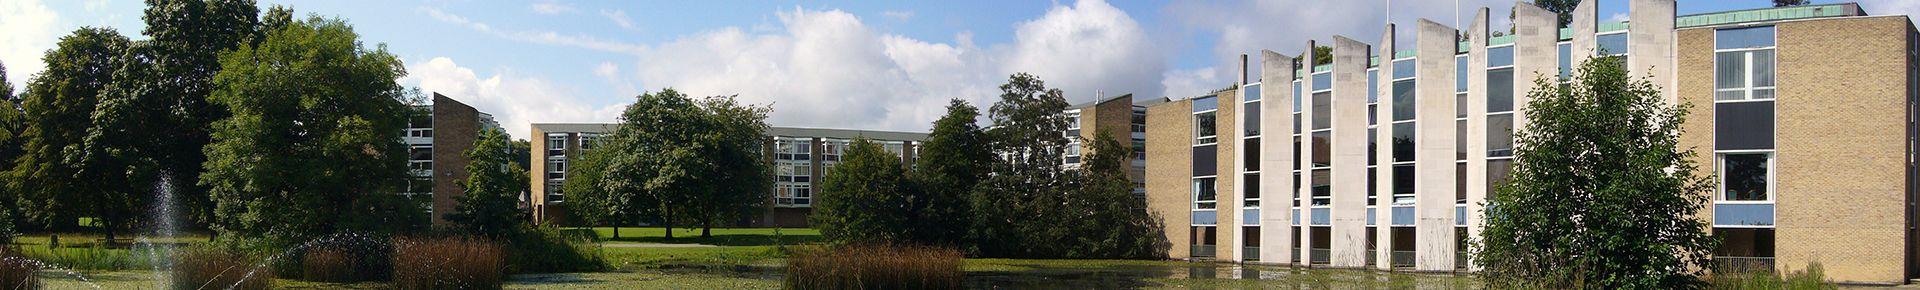 The Van Mildert College Grounds